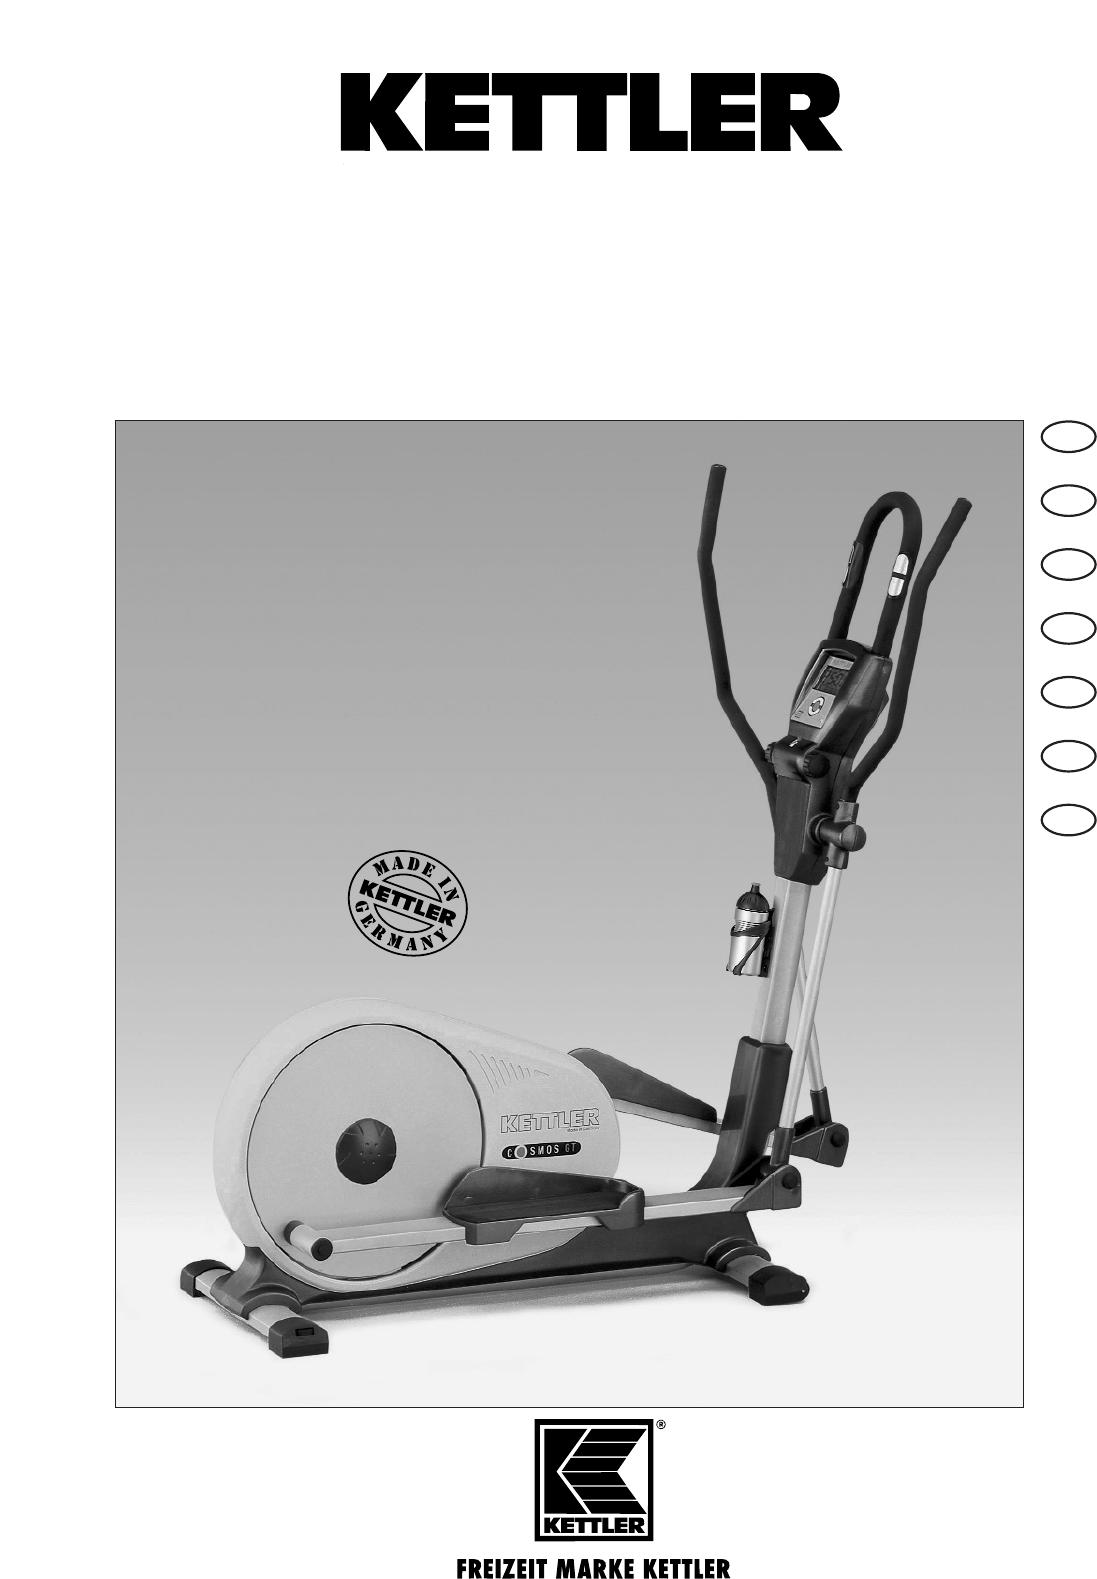 Antriebsriemen für Kettler Cosmos GT Crosstrainer Elegance 07858-000 // 07858-30 Fitness & Jogging Ausdauertraining